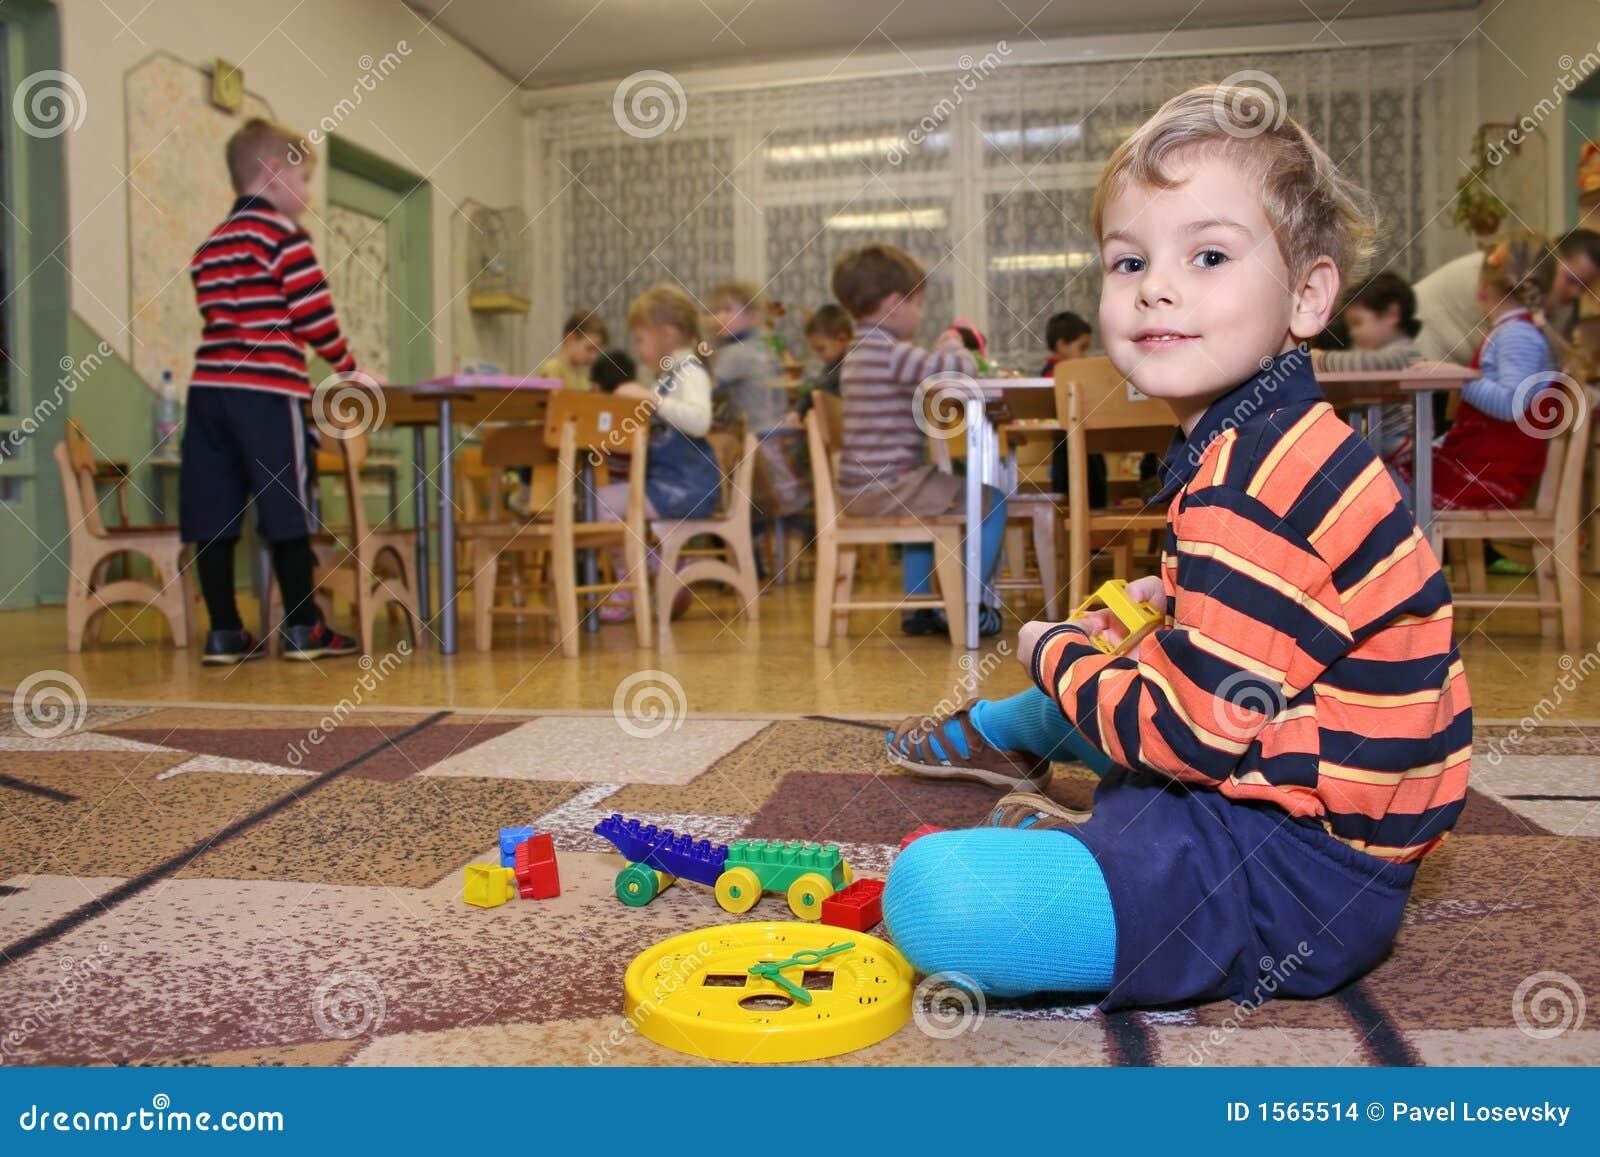 imagens jardim infancia:Brincadeira No Jardim De Infância Imagens de Stock – Imagem: 1565514